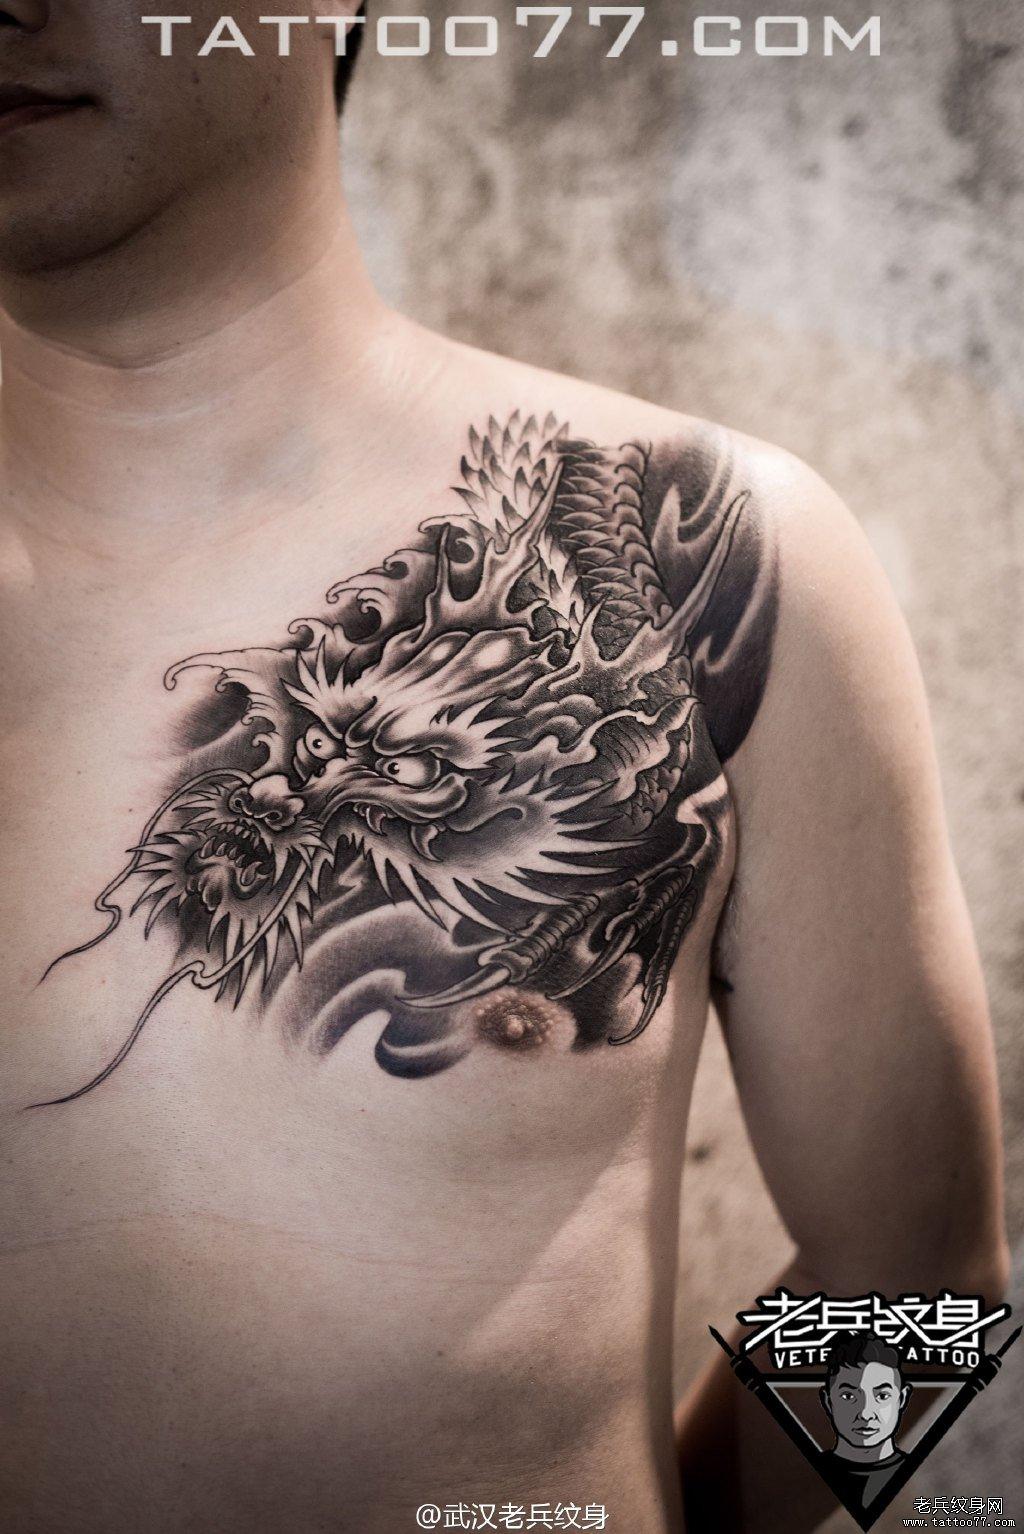 黑灰作品  武汉纹身店 纹身图案大全  0 喜欢   浏览  胸口龙头刺青